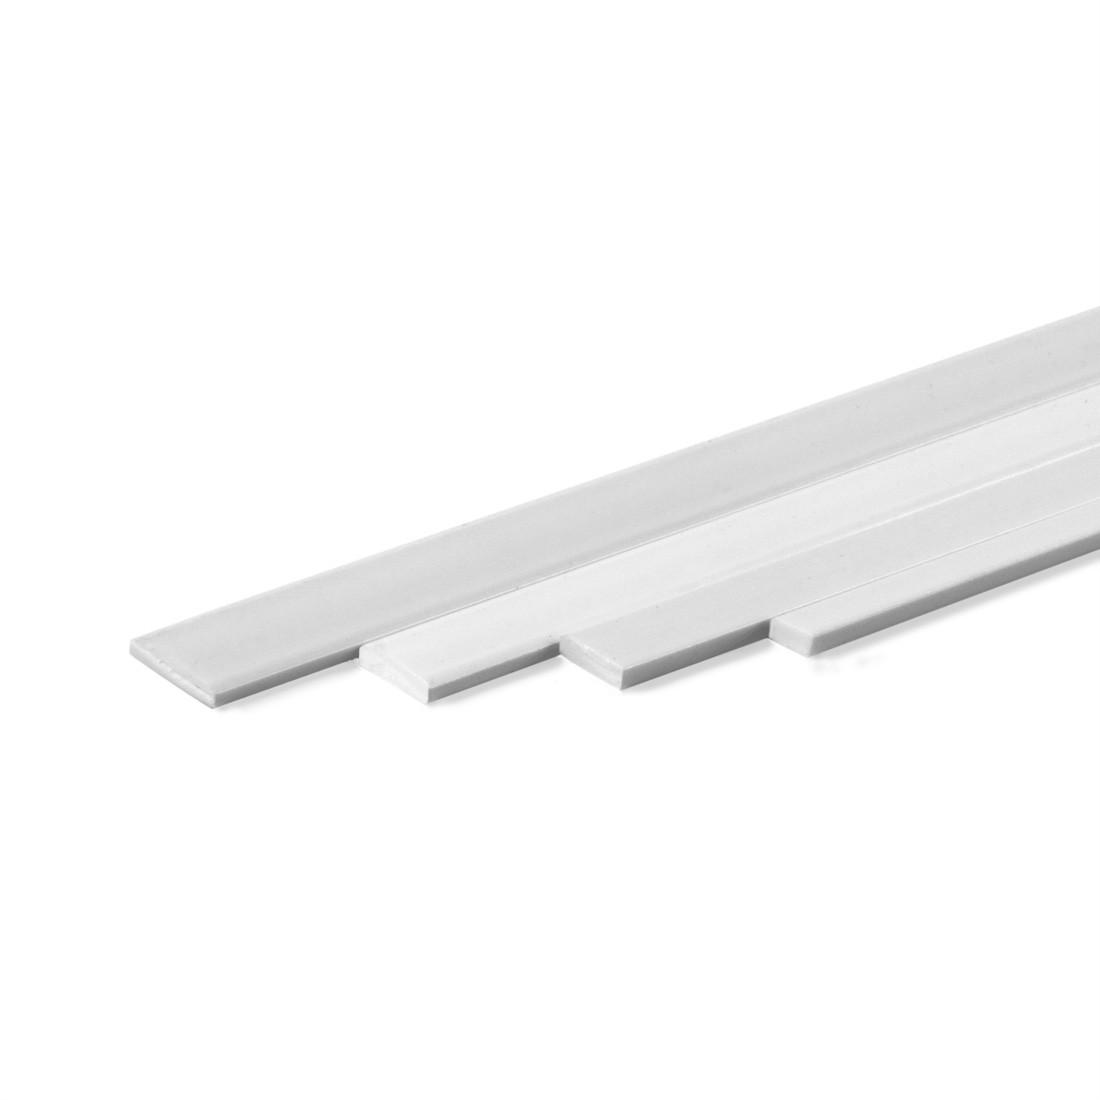 Perfil rectangular ASA mm.1x2x1000